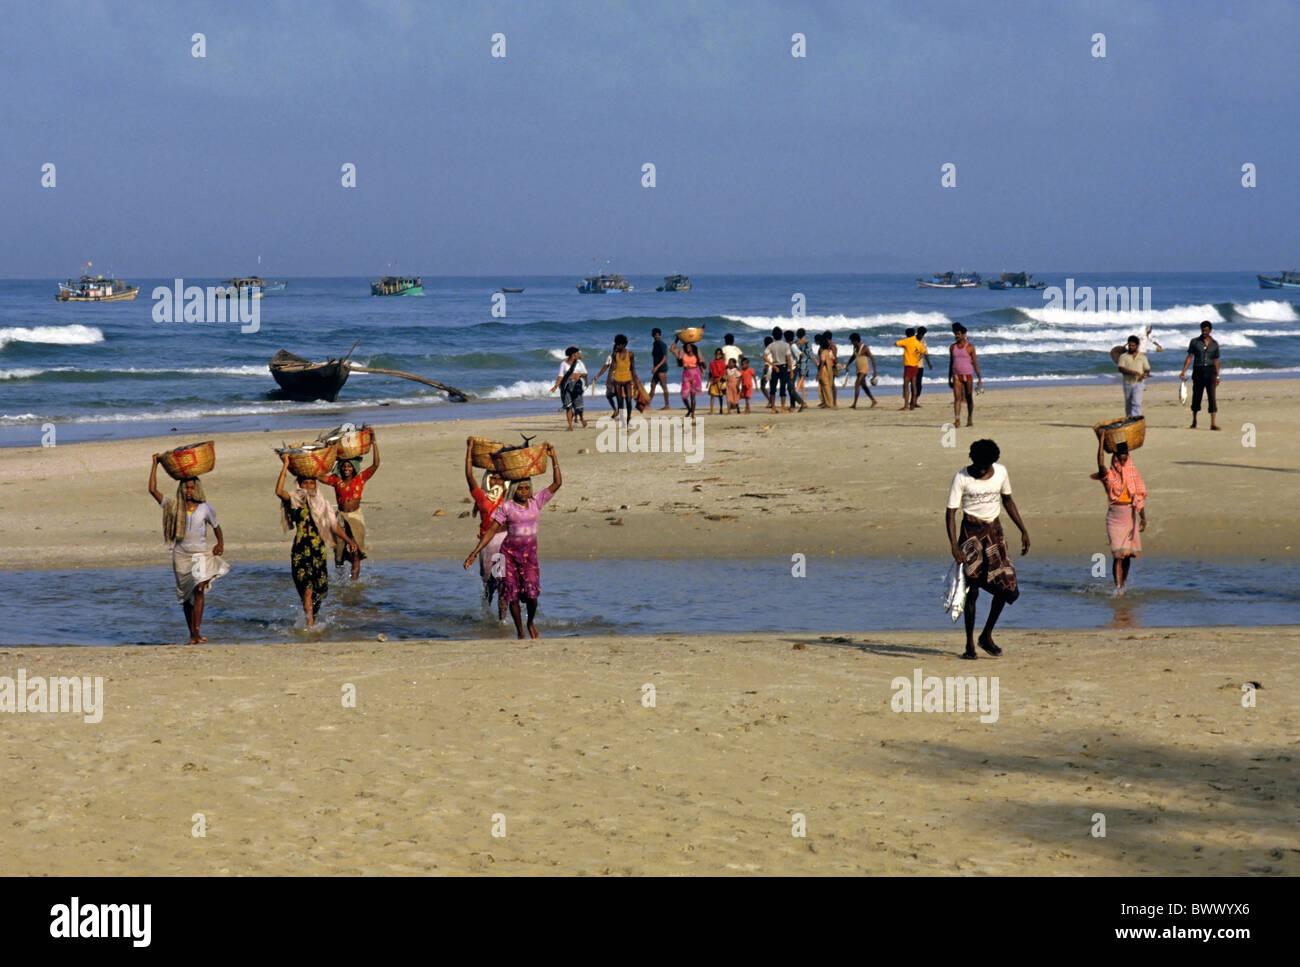 babfacc6eb00 Hombres y mujeres que llevan cestas de pescado de los barcos de pesca al  amanecer